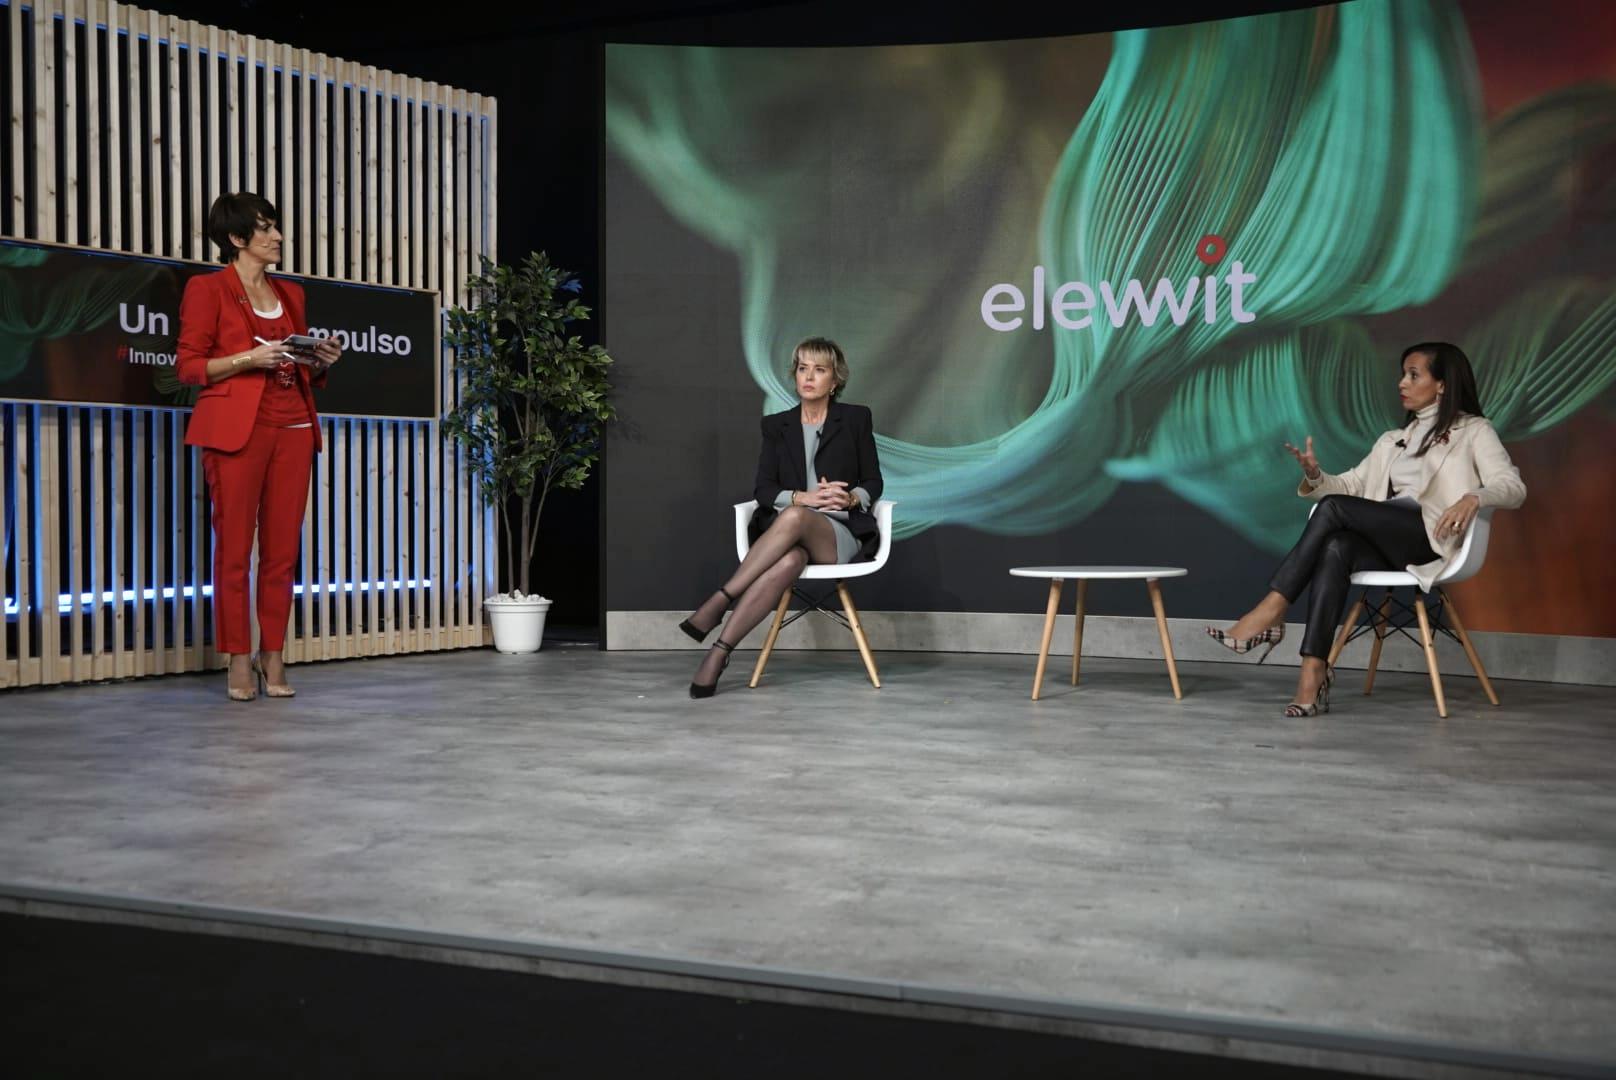 Elewit, filia tecnológica de Red Eléctrica, celebra la primera edición de Innovation Sessions